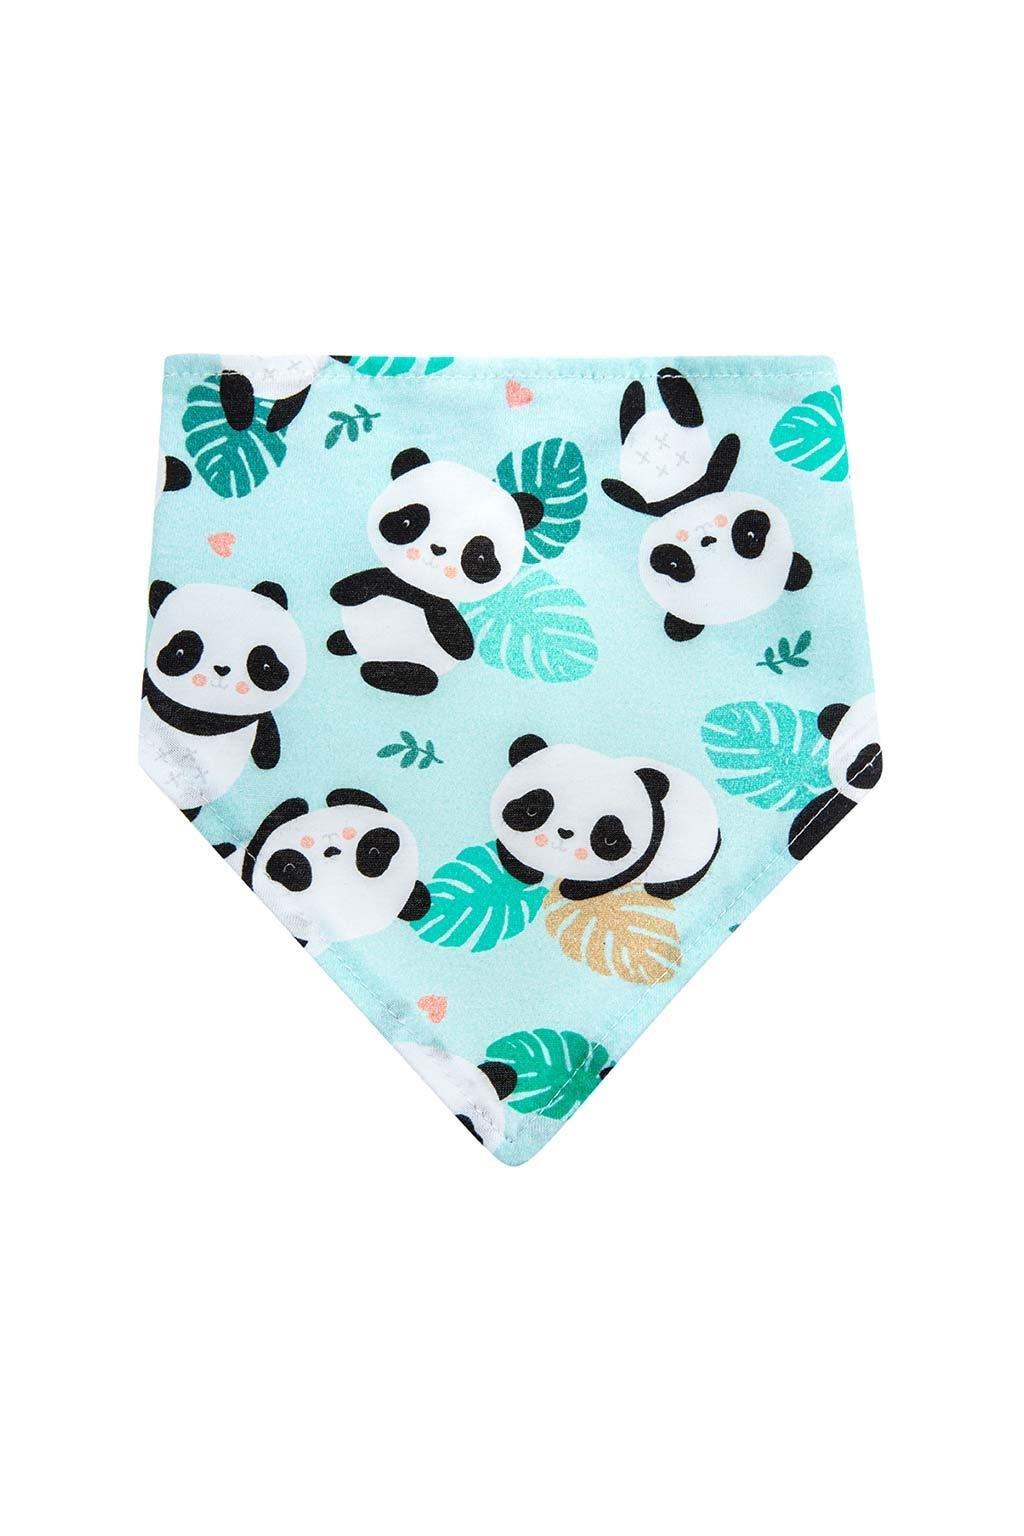 Dojčenská šatka na krk podbradník Akuku Pandy